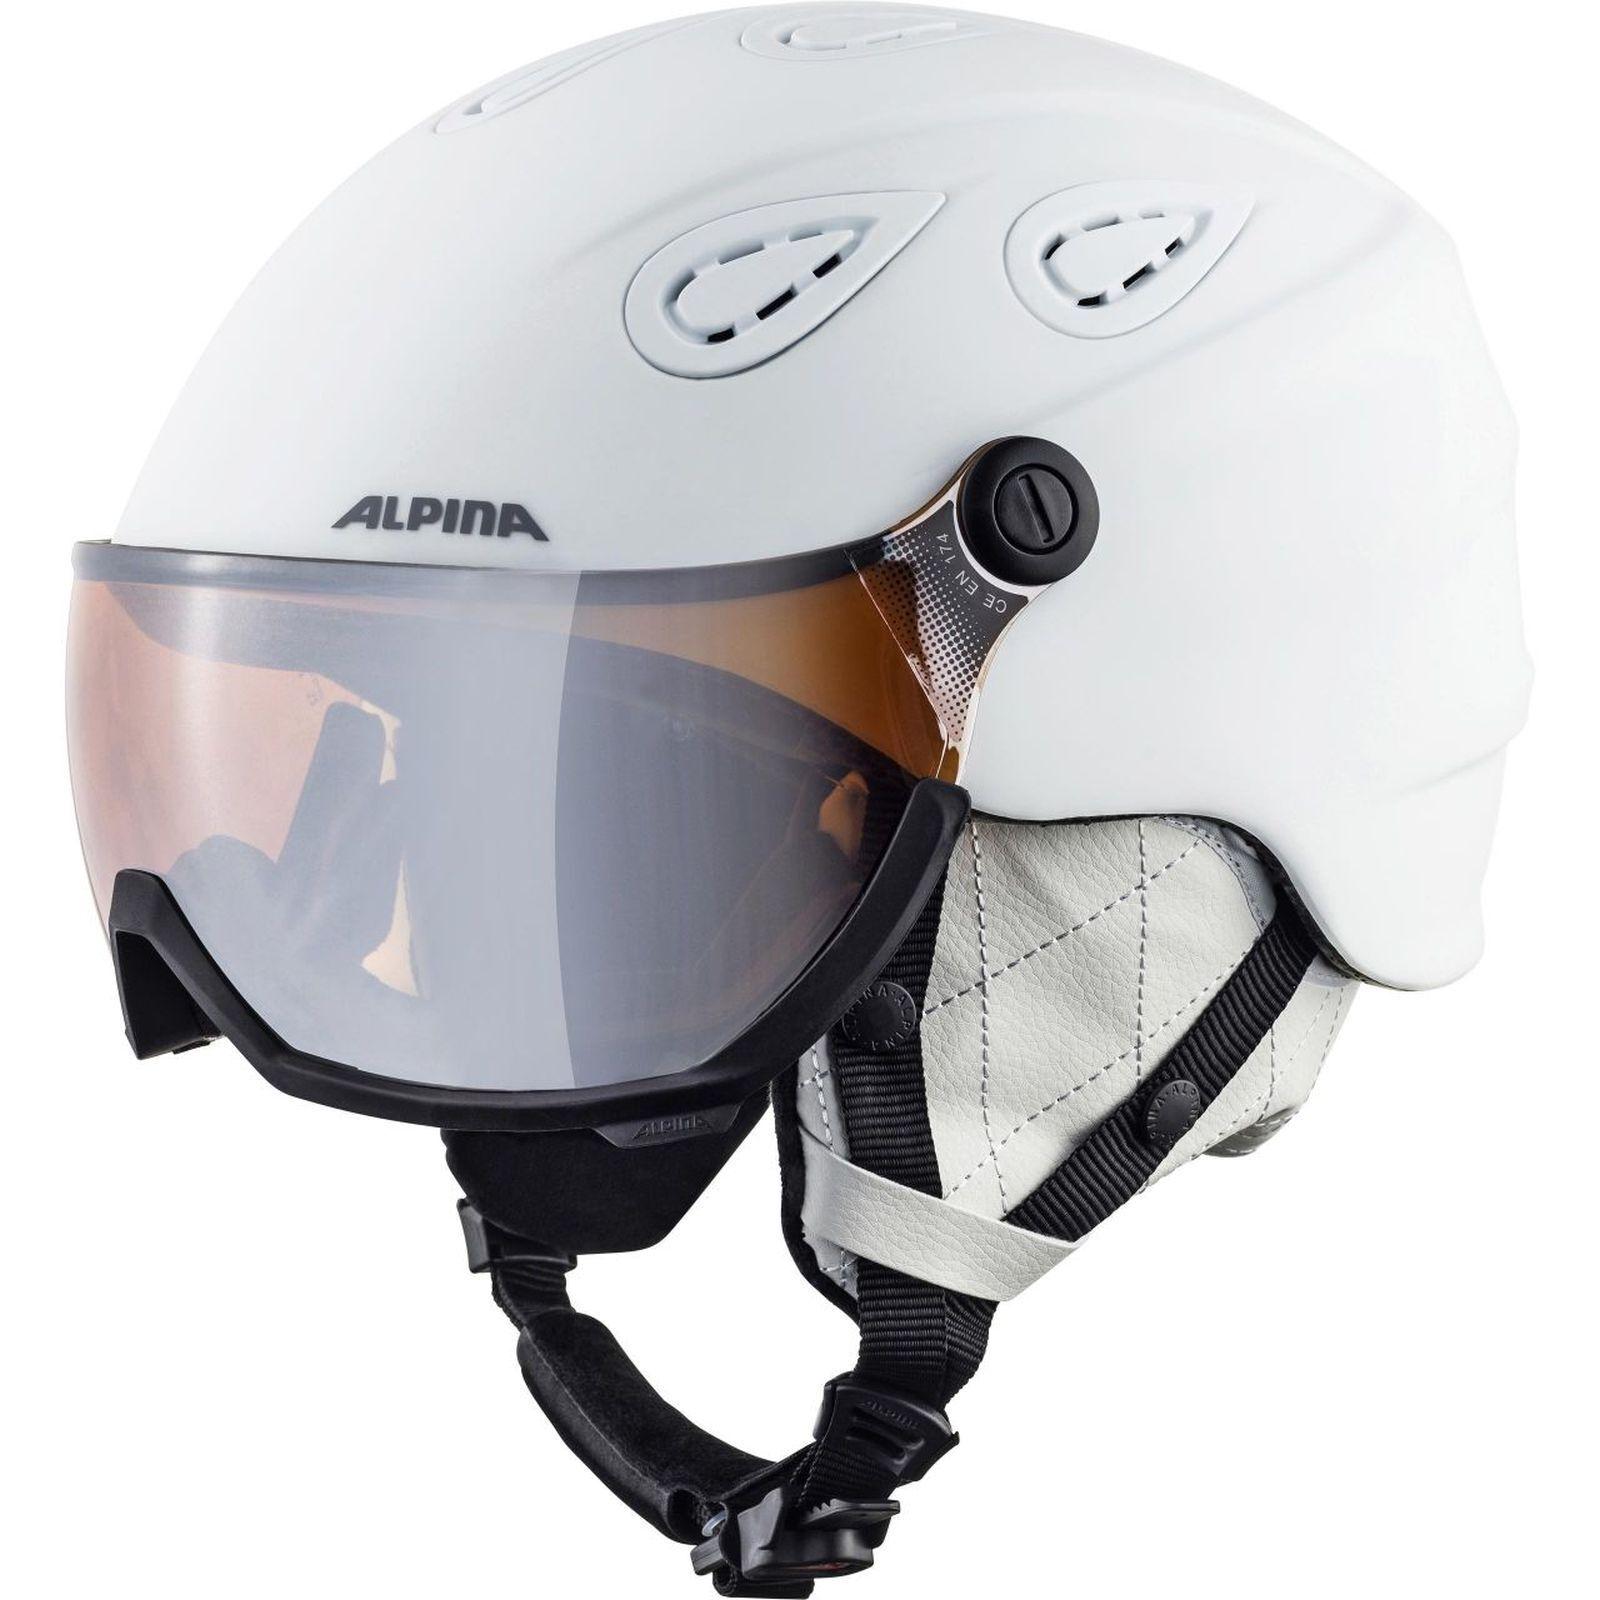 Alpina  Adult Ski Helmet Helmet Grap Visor 2.0 Hybrid Mirror White Matt  for cheap